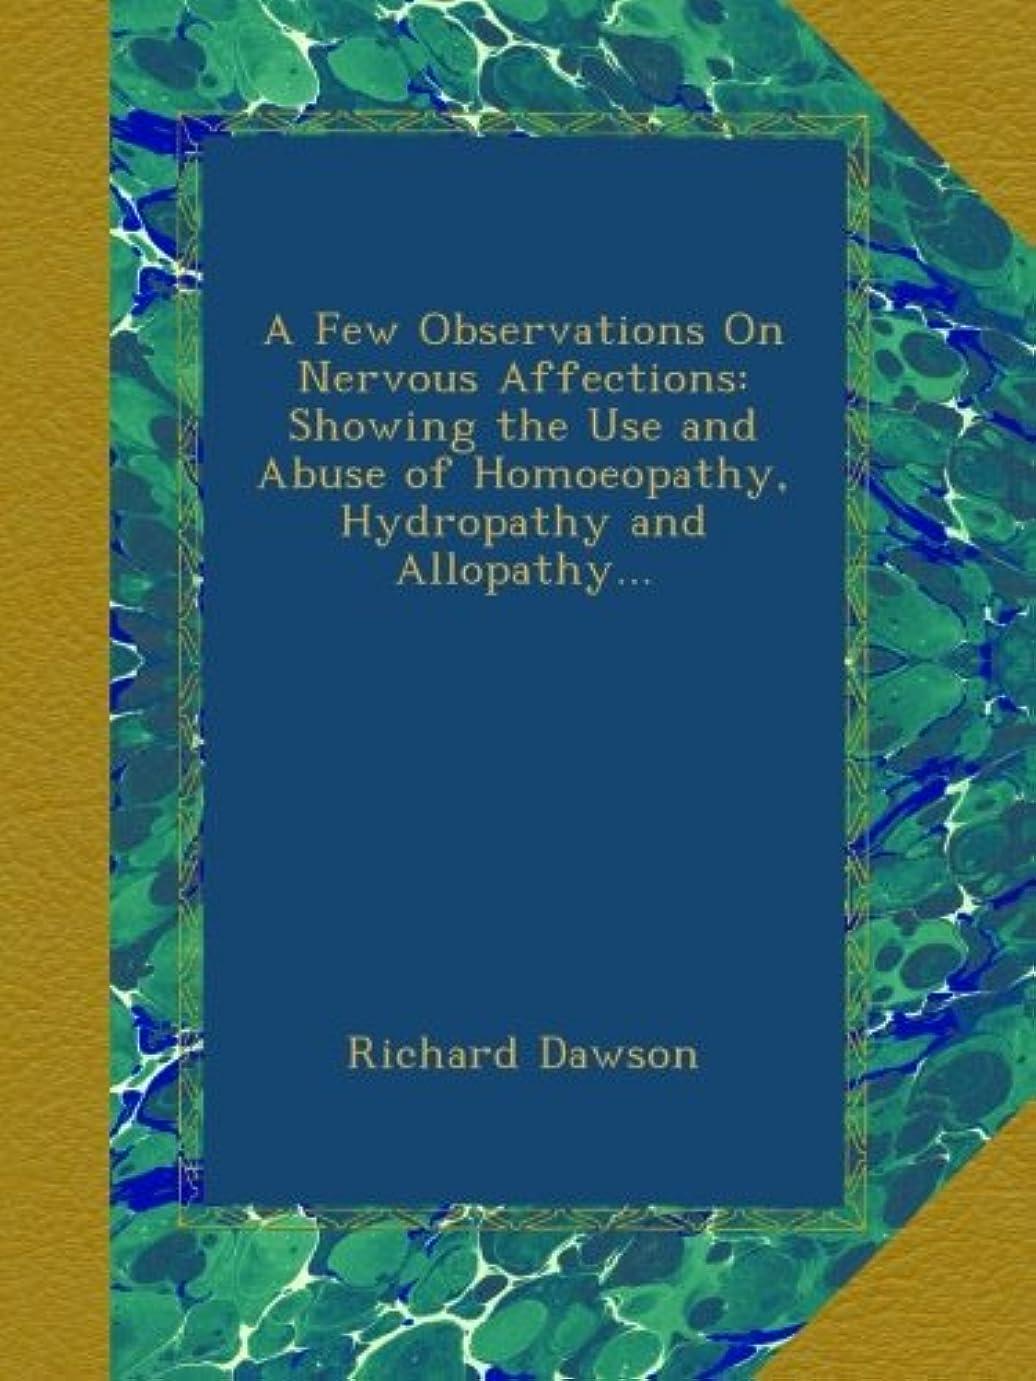 アベニュー育成病的A Few Observations On Nervous Affections: Showing the Use and Abuse of Homoeopathy, Hydropathy and Allopathy...